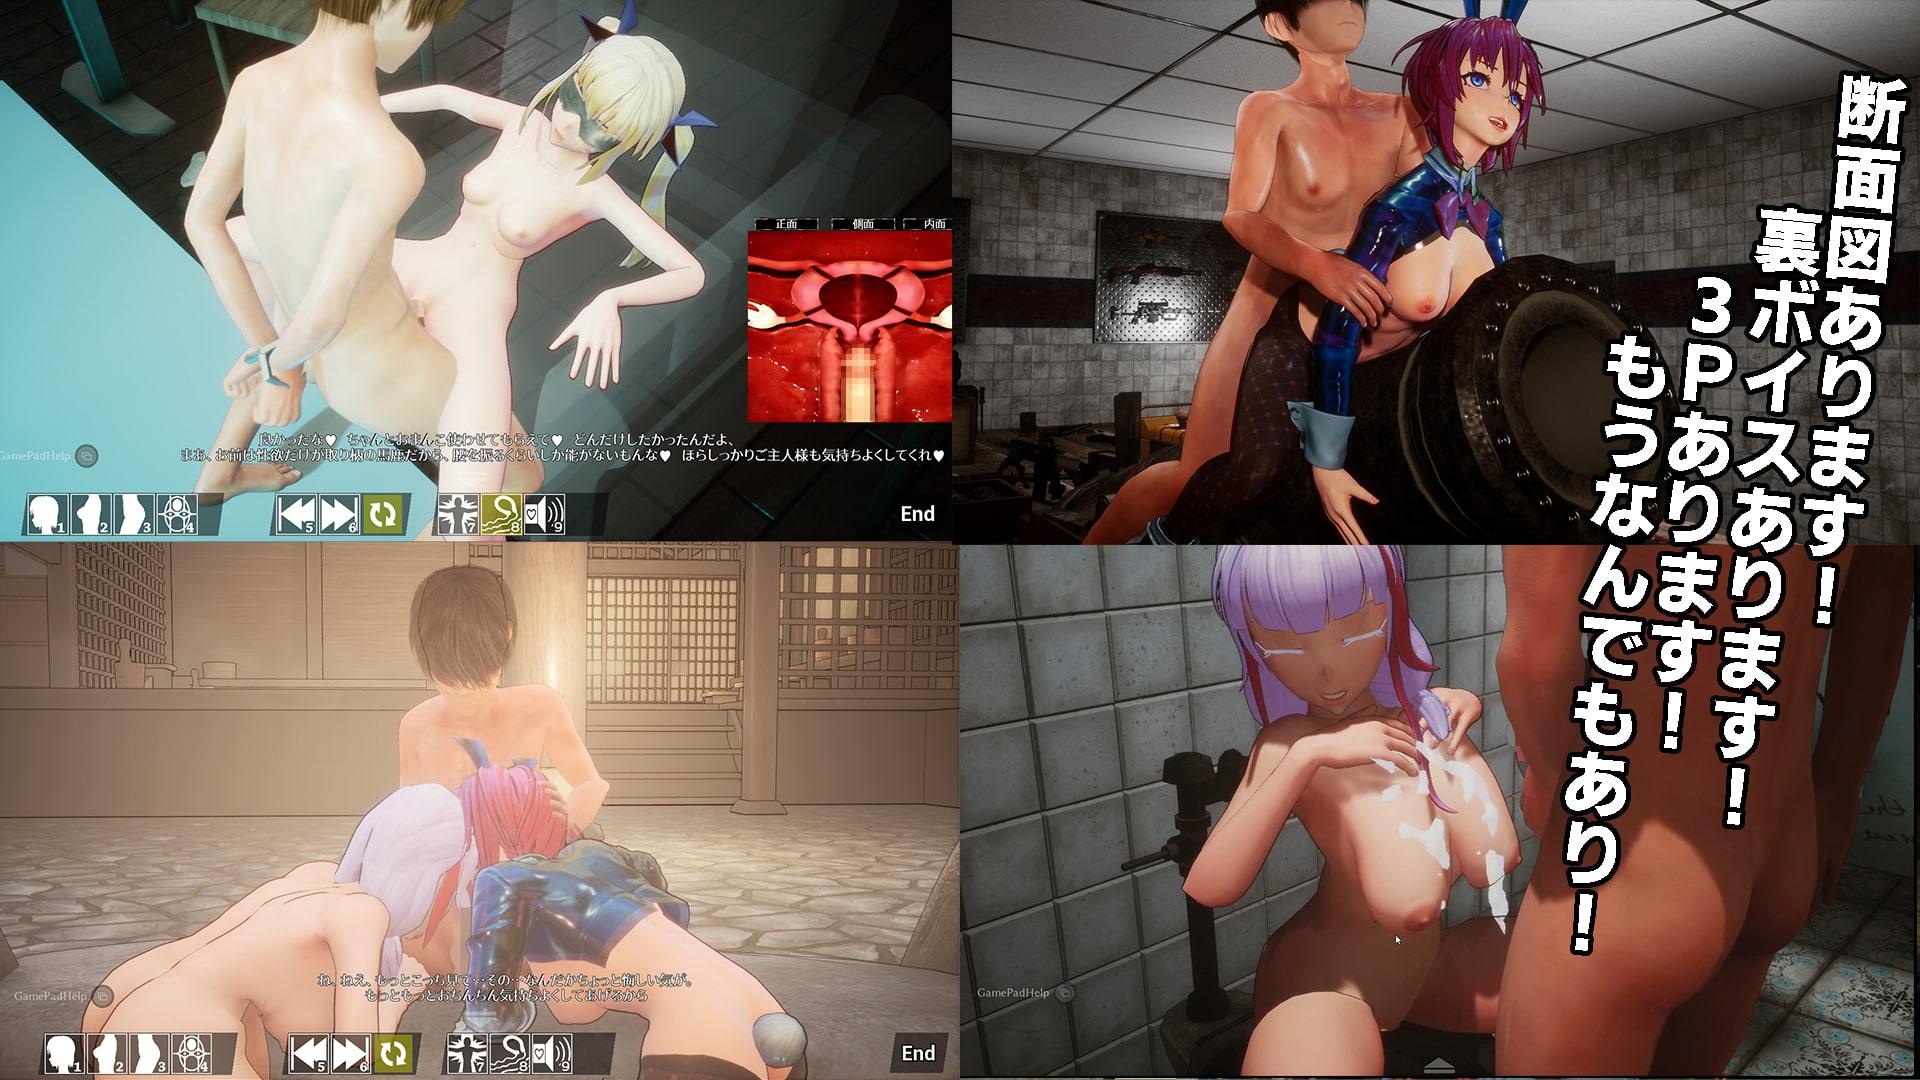 シードオブザデッド:スイートホーム【アダルトゲーム】(TeamKRAMA)4